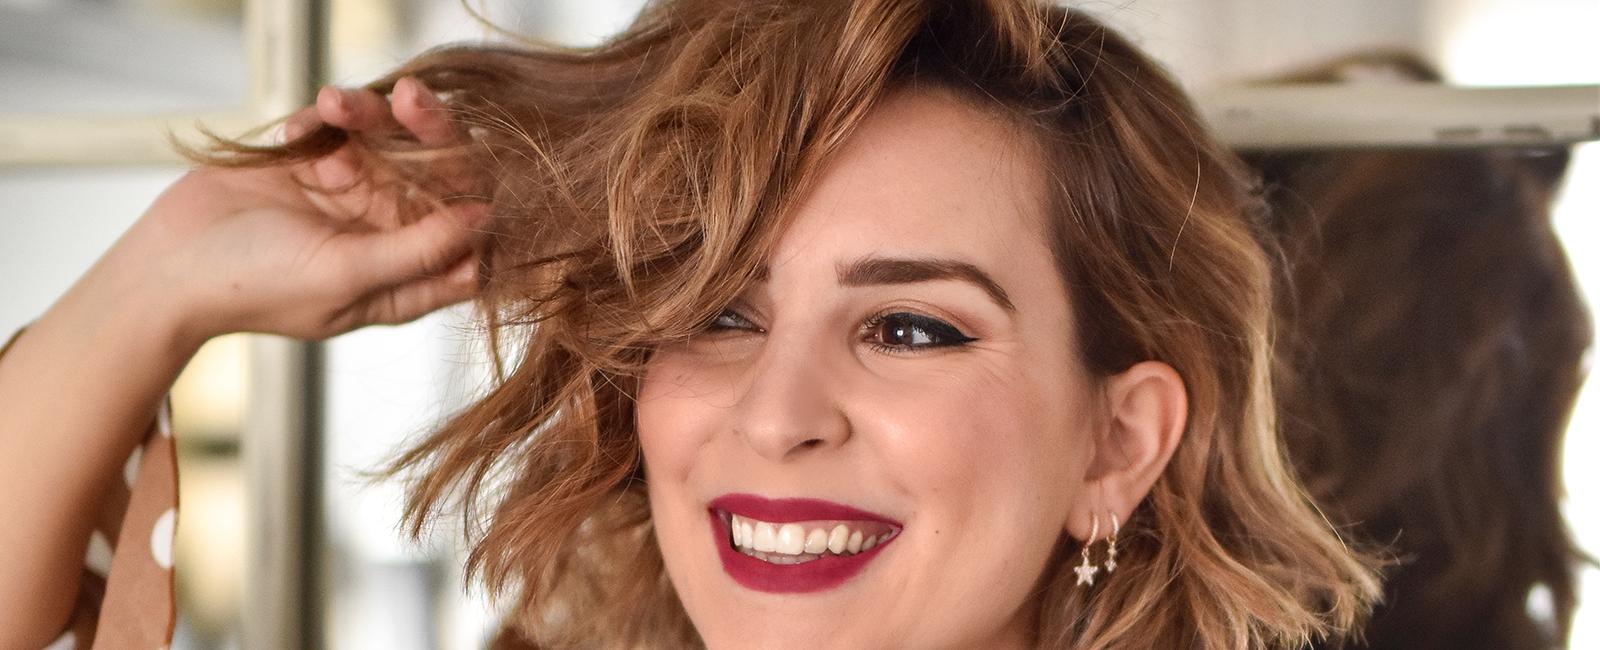 Cheveux : comment j'entretiens mon balayage